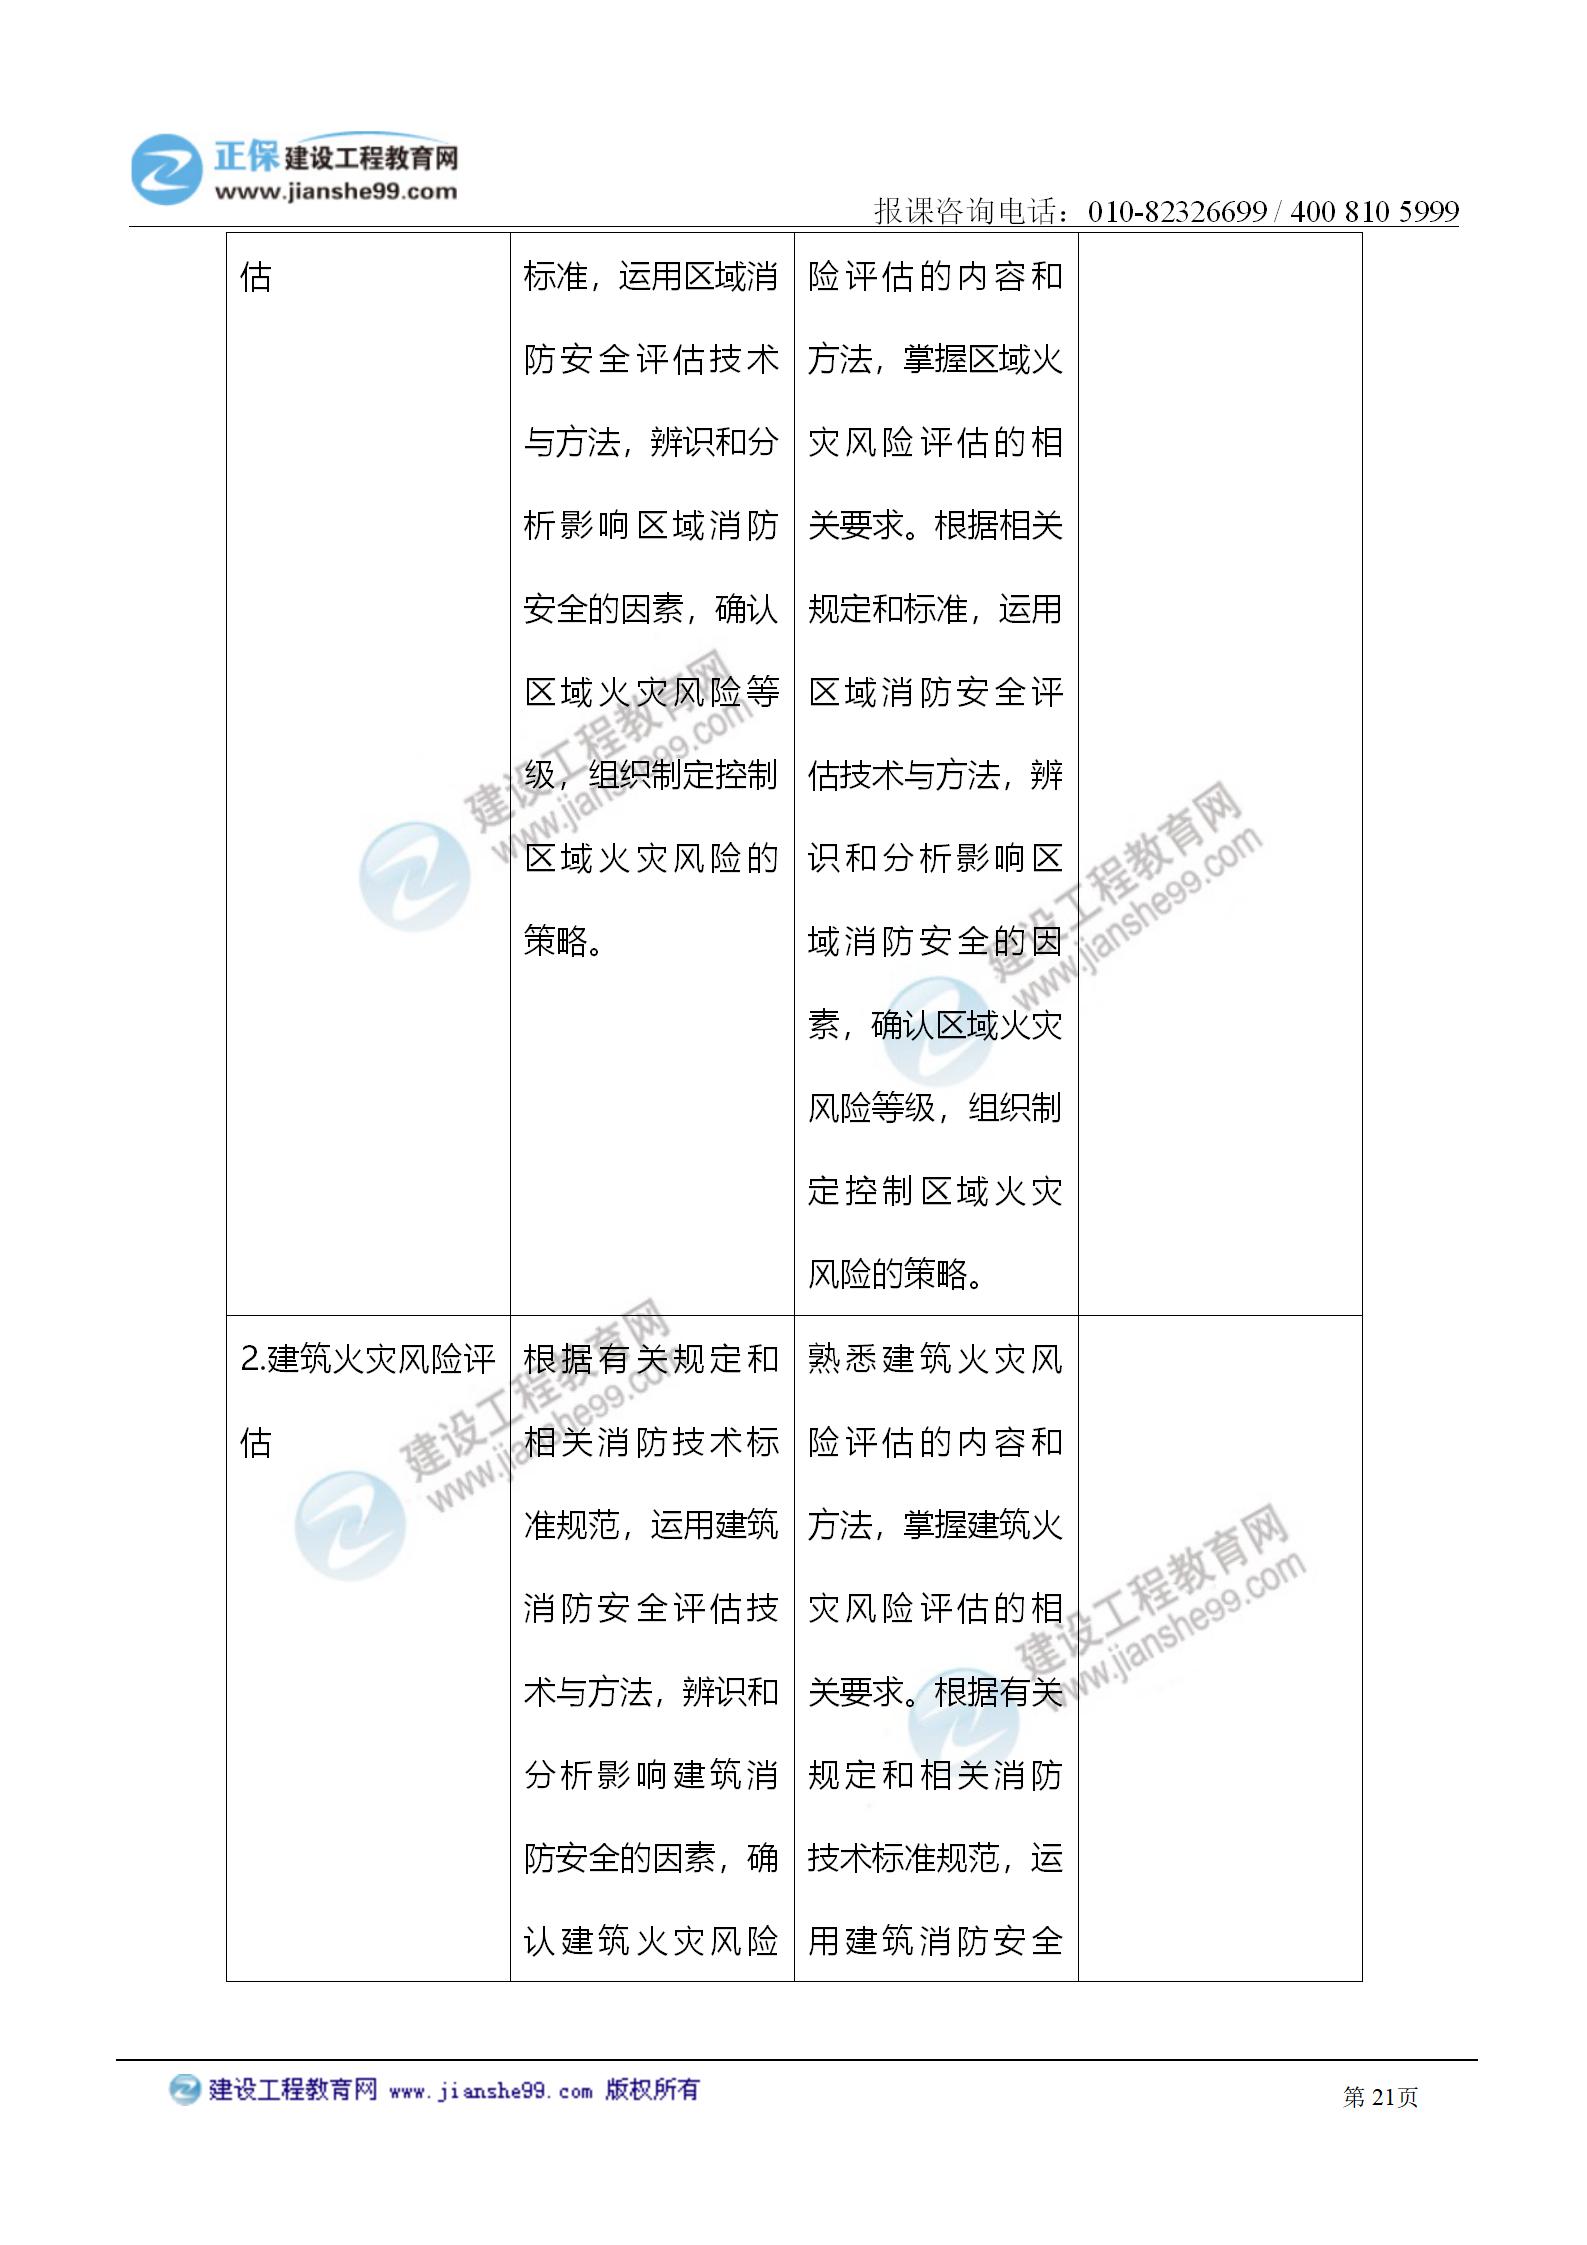 2021注册消防工程师《综合能力》考试大纲变化情况_21